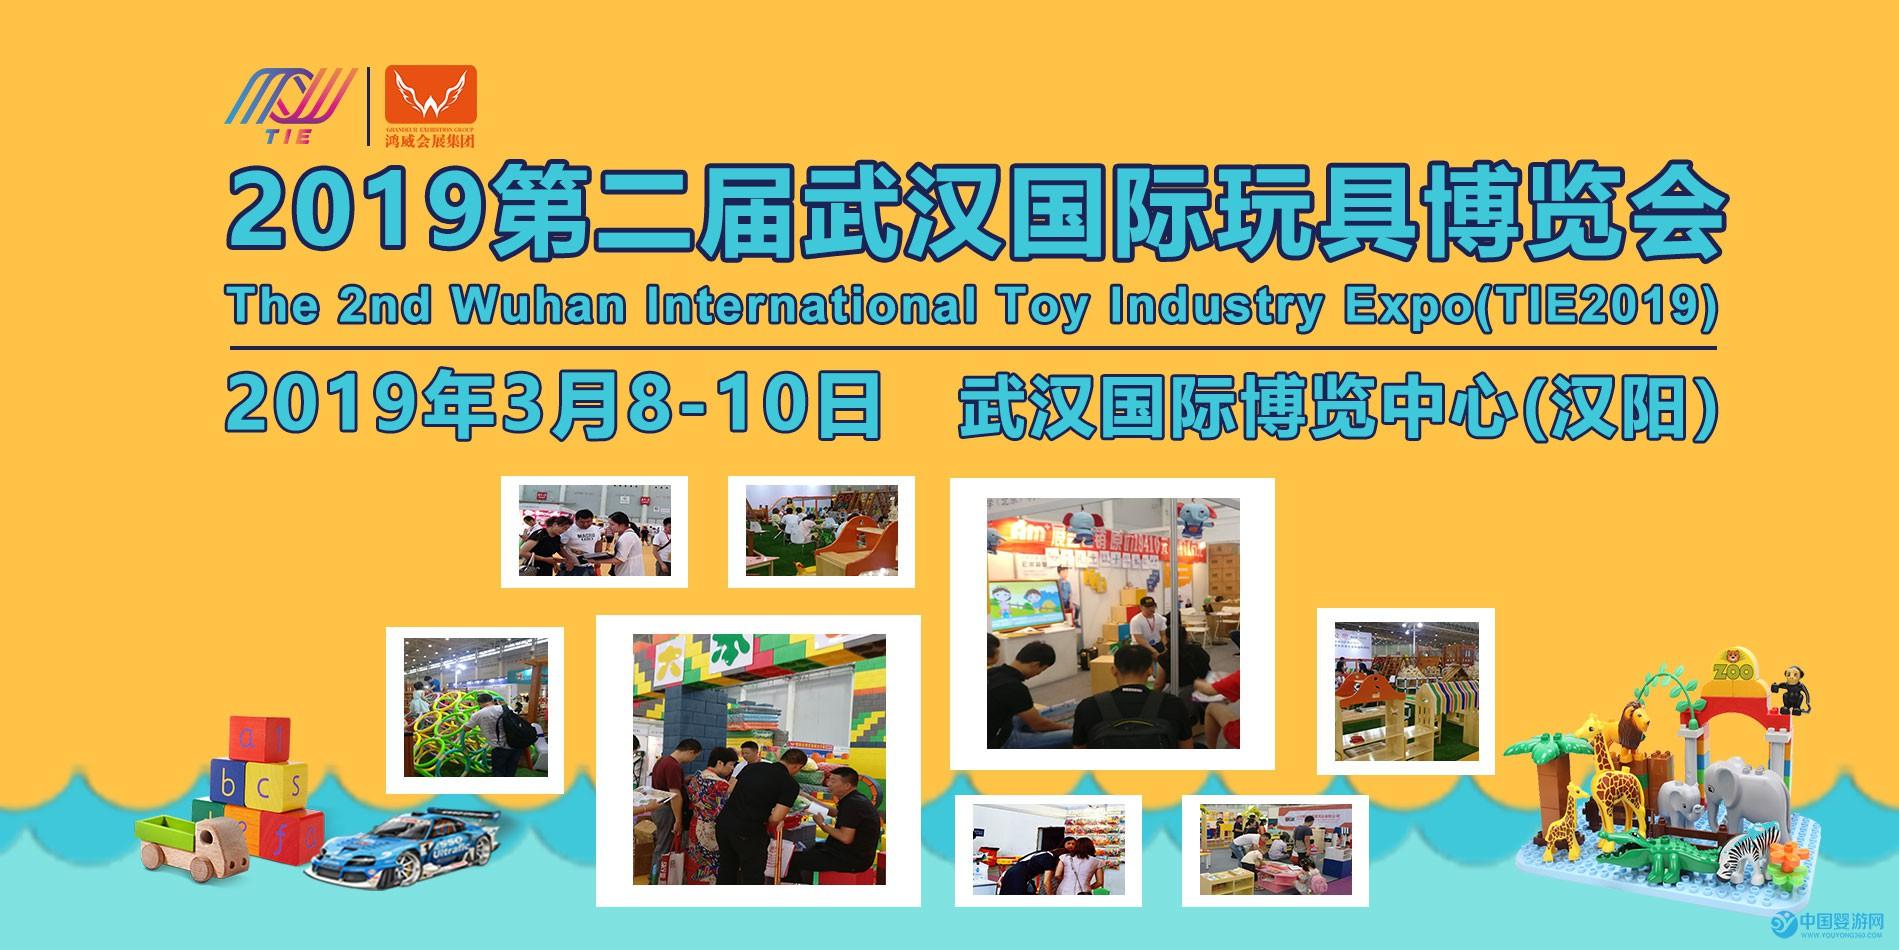 2019第二届武汉国际玩具博览会